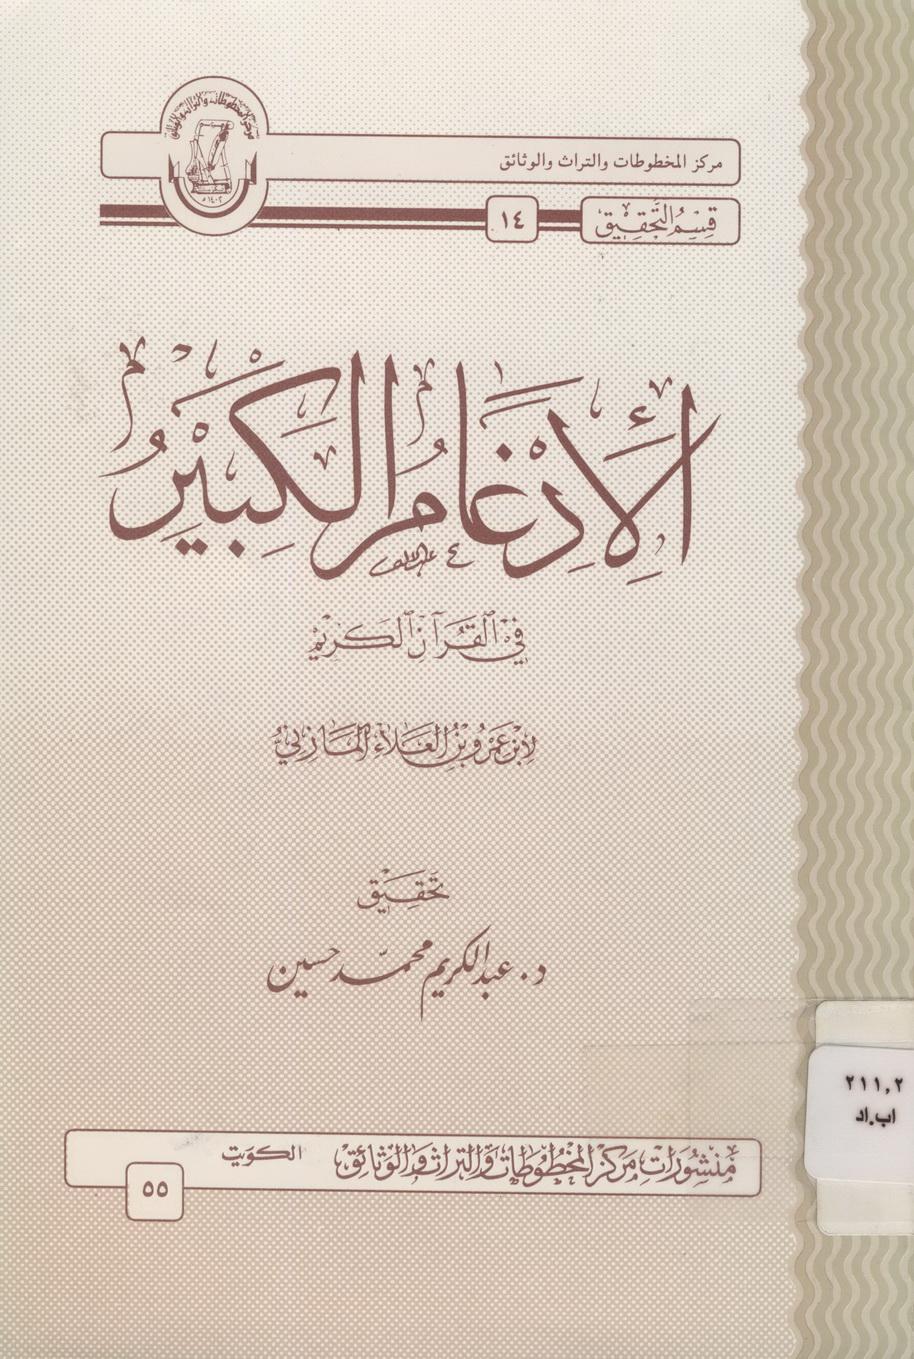 تحميل كتاب الإدغام الكبير - أبو عمرو البصري (ت عبد الكريم حسين) لـِ: الإمام أبو عمرو بن العلاء بن عمار المازني البصري (ت 154)